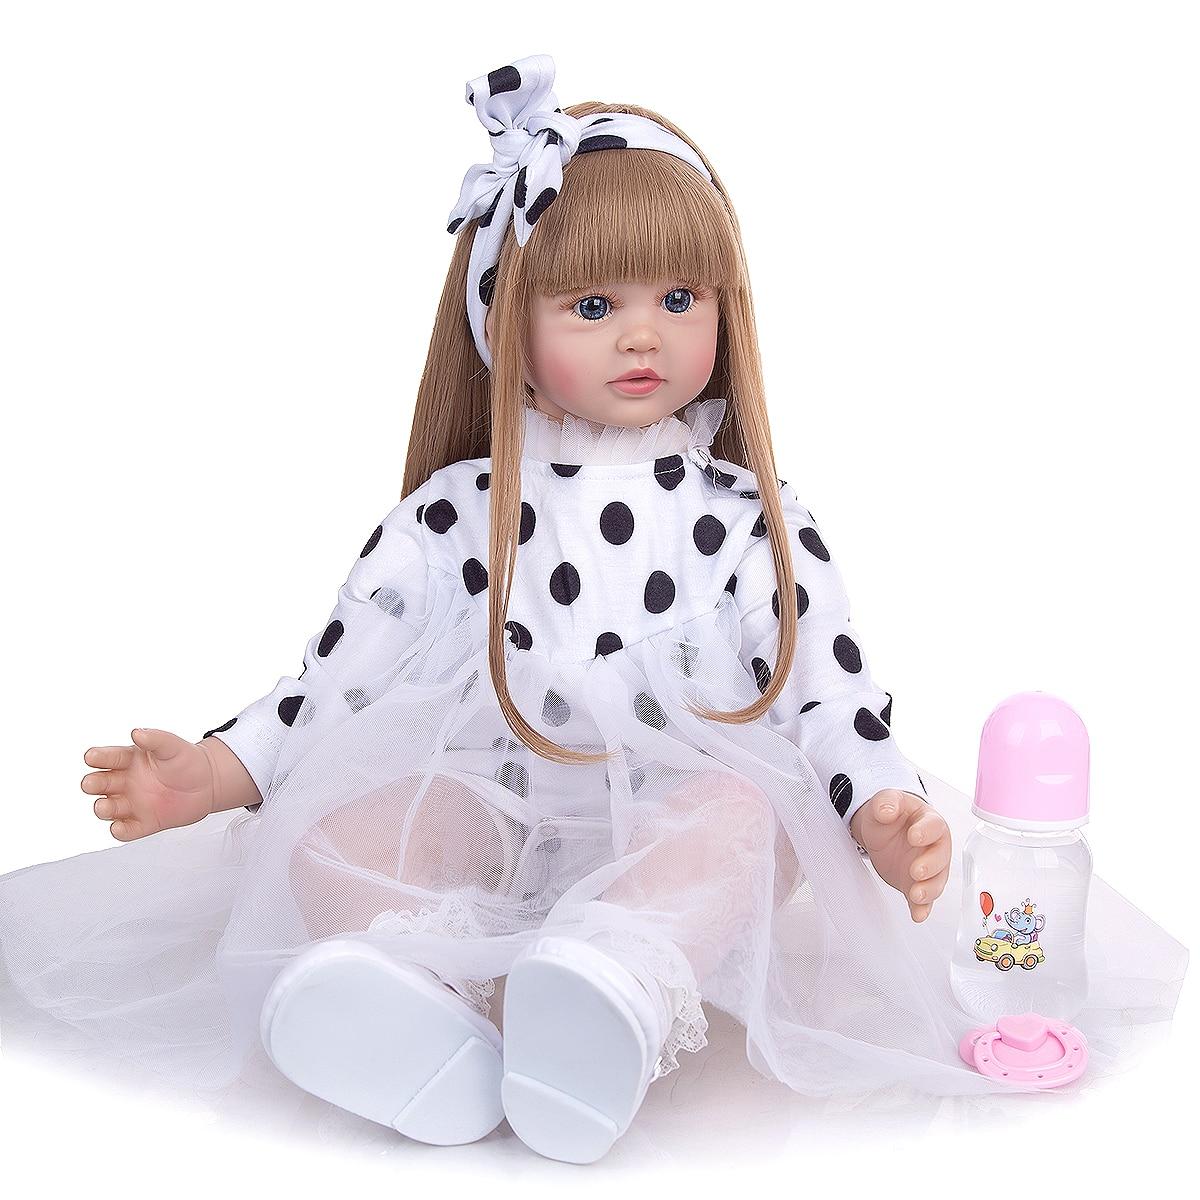 Кукла реборн KEIUMI классическая, мягкая силиконовая кукла принцесса с золотыми волосами, 60 см, детский подарок на день рождения